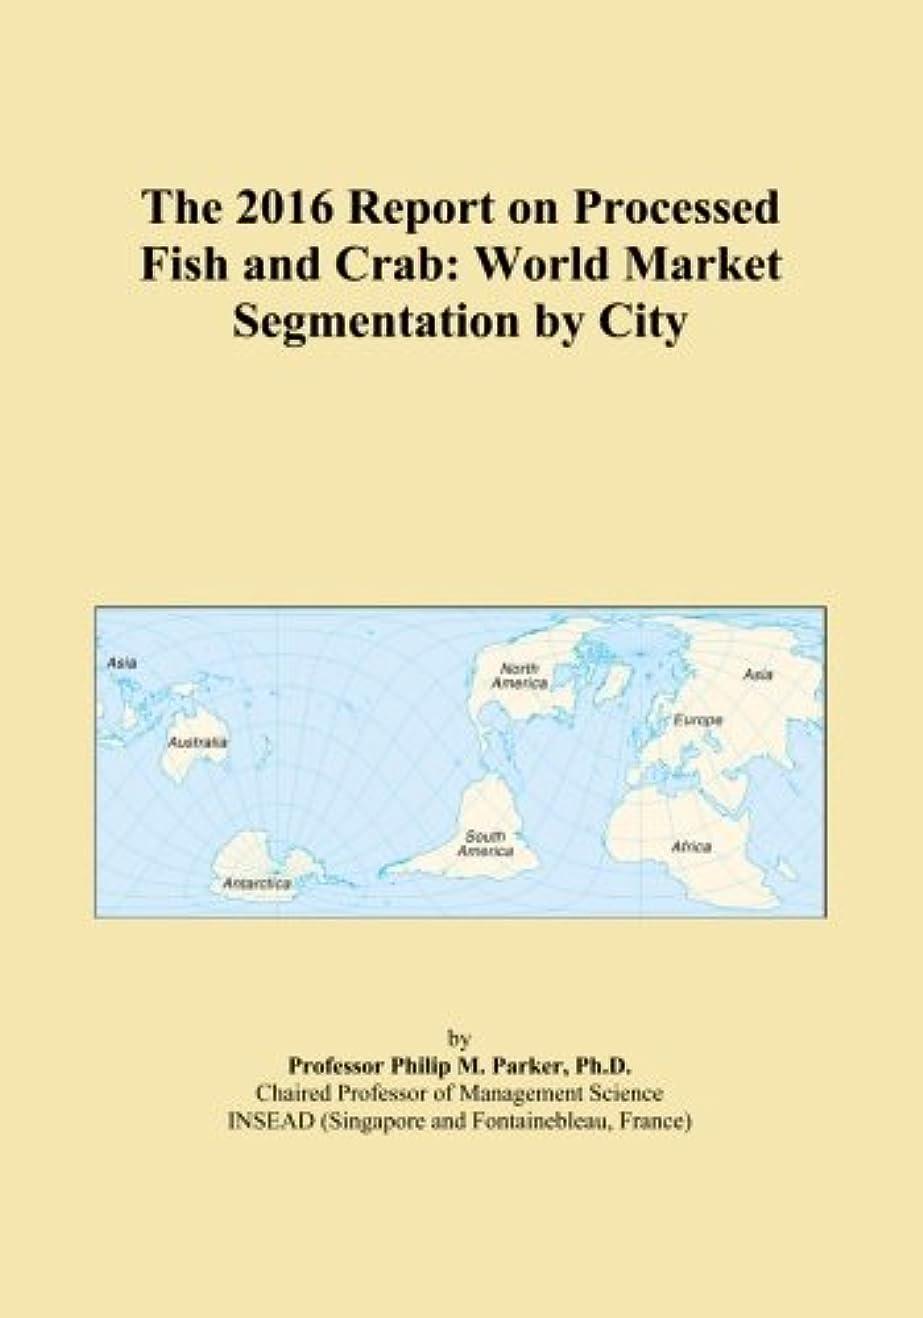 集中的な契約するたくさんのThe 2016 Report on Processed Fish and Crab: World Market Segmentation by City